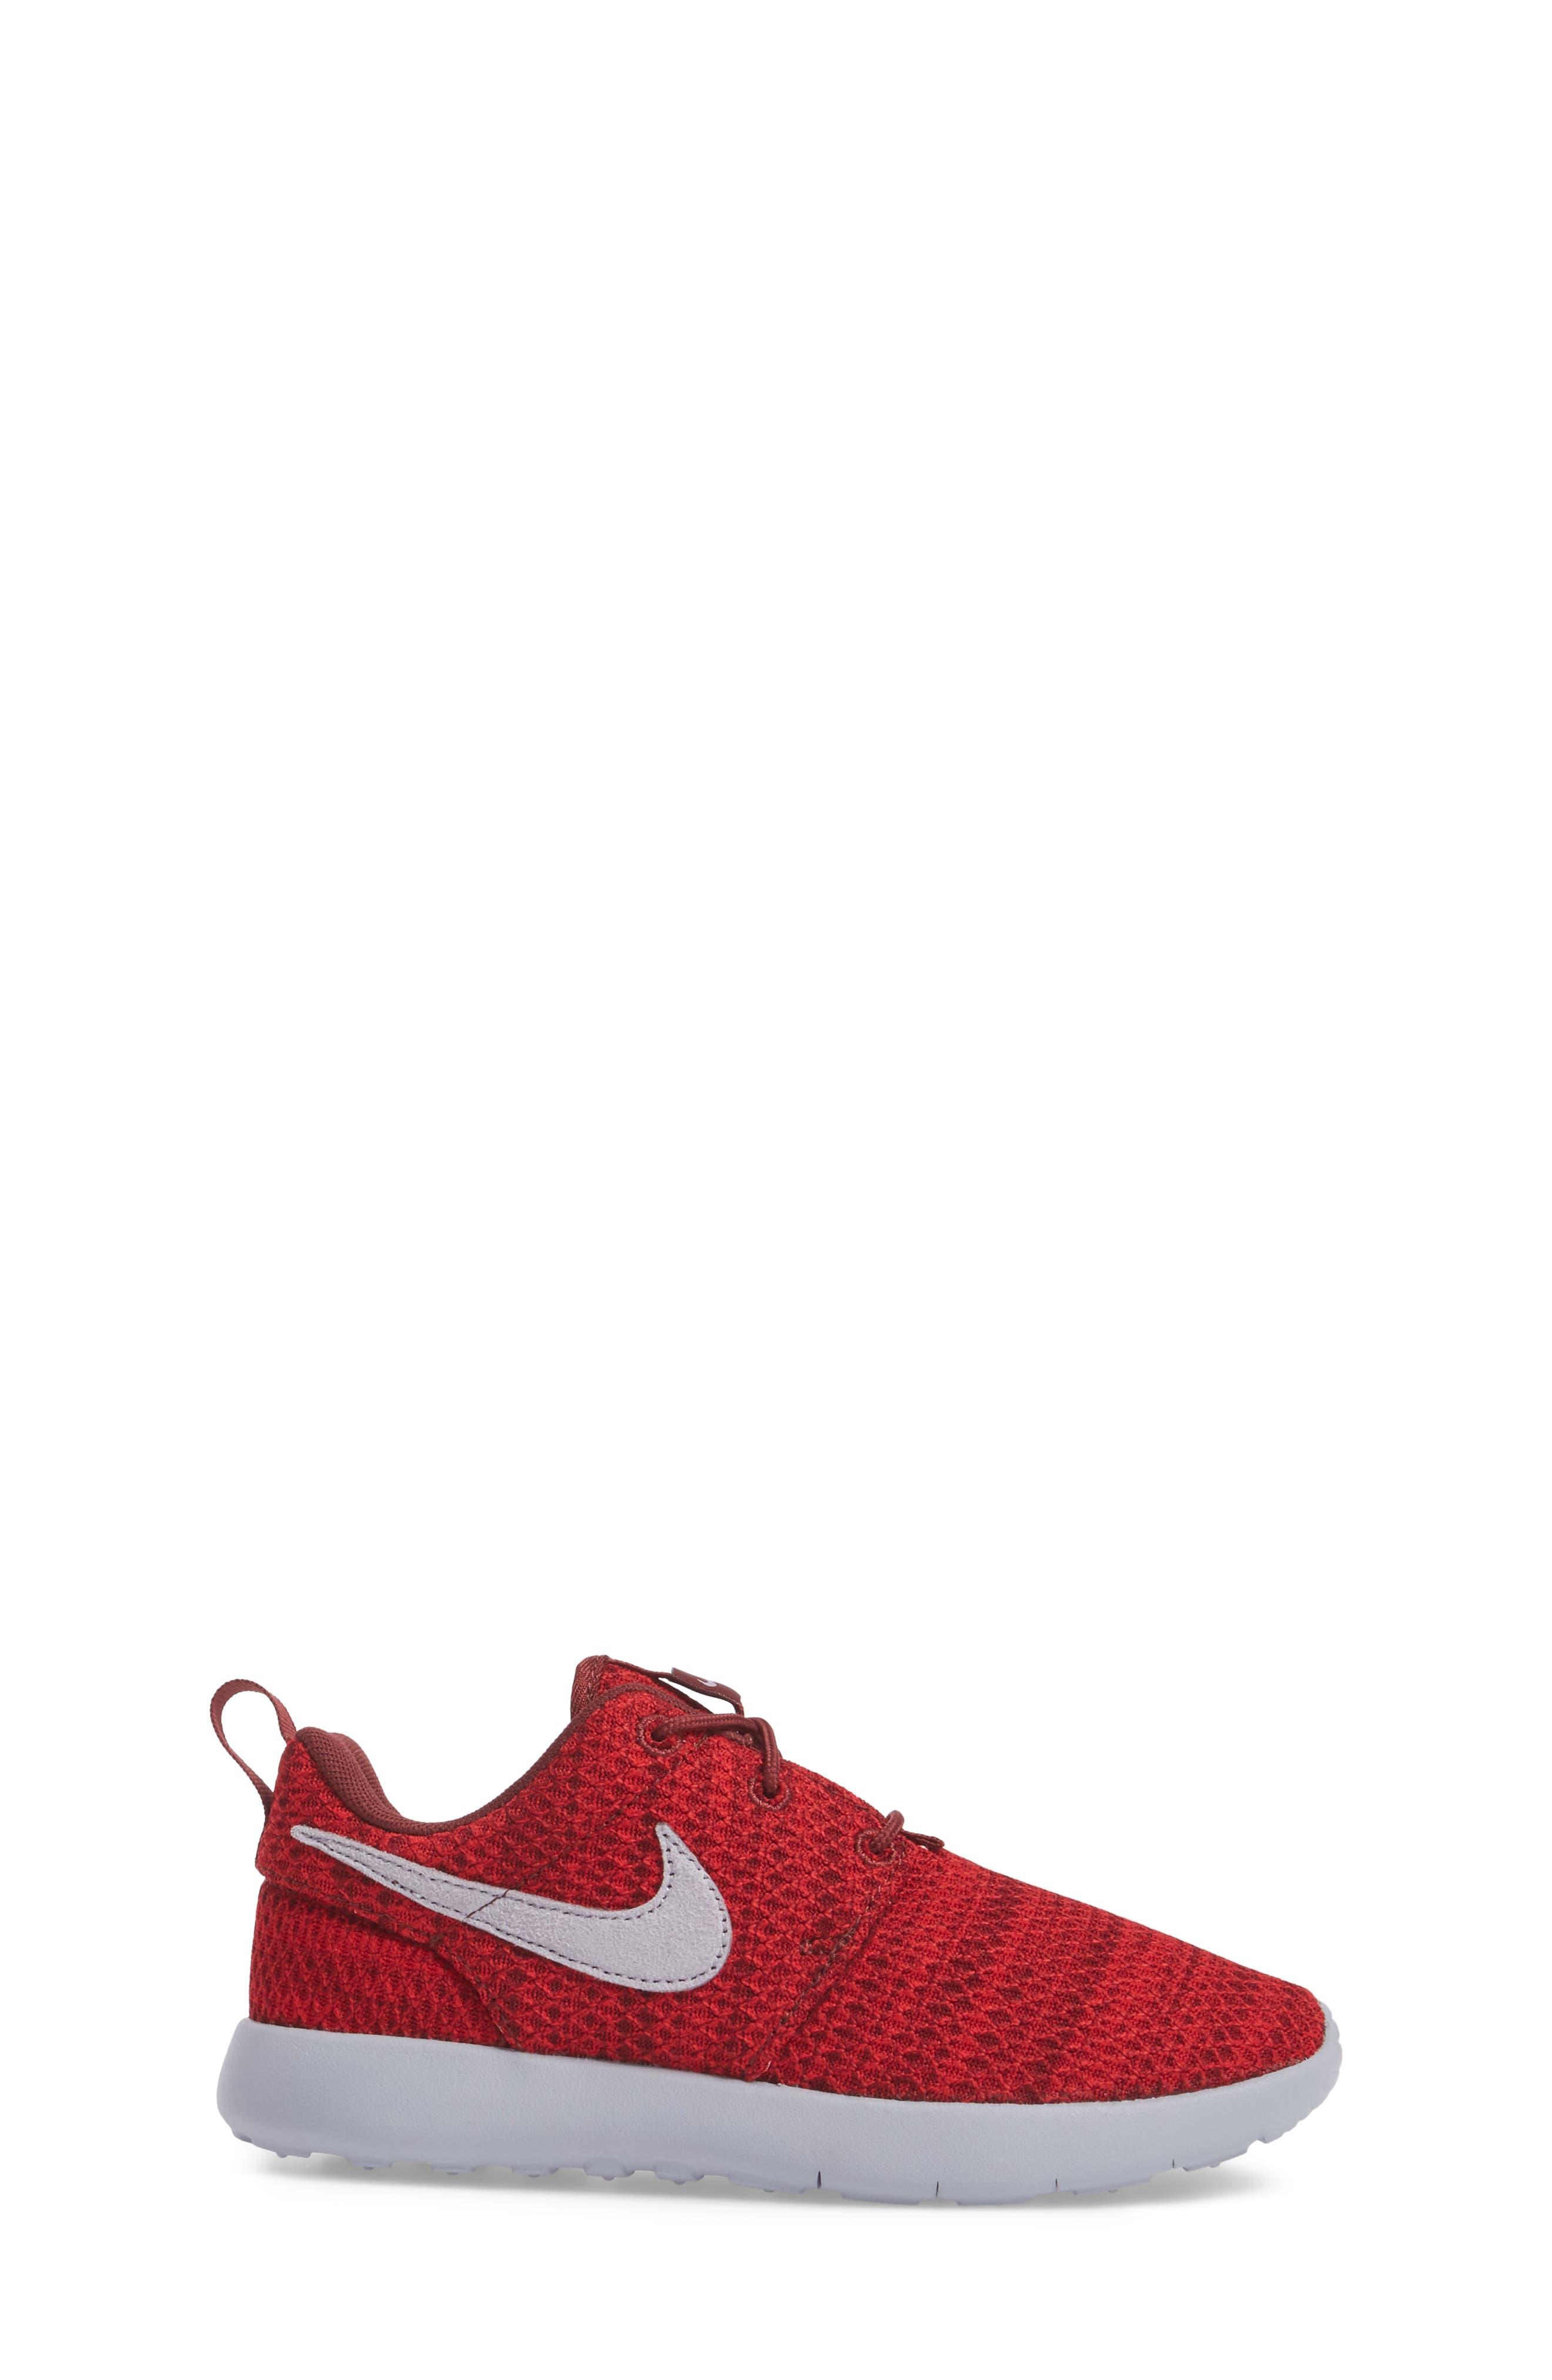 Alternate Image 3  - Nike Roshe Run Sneaker (Toddler & Little Kid)